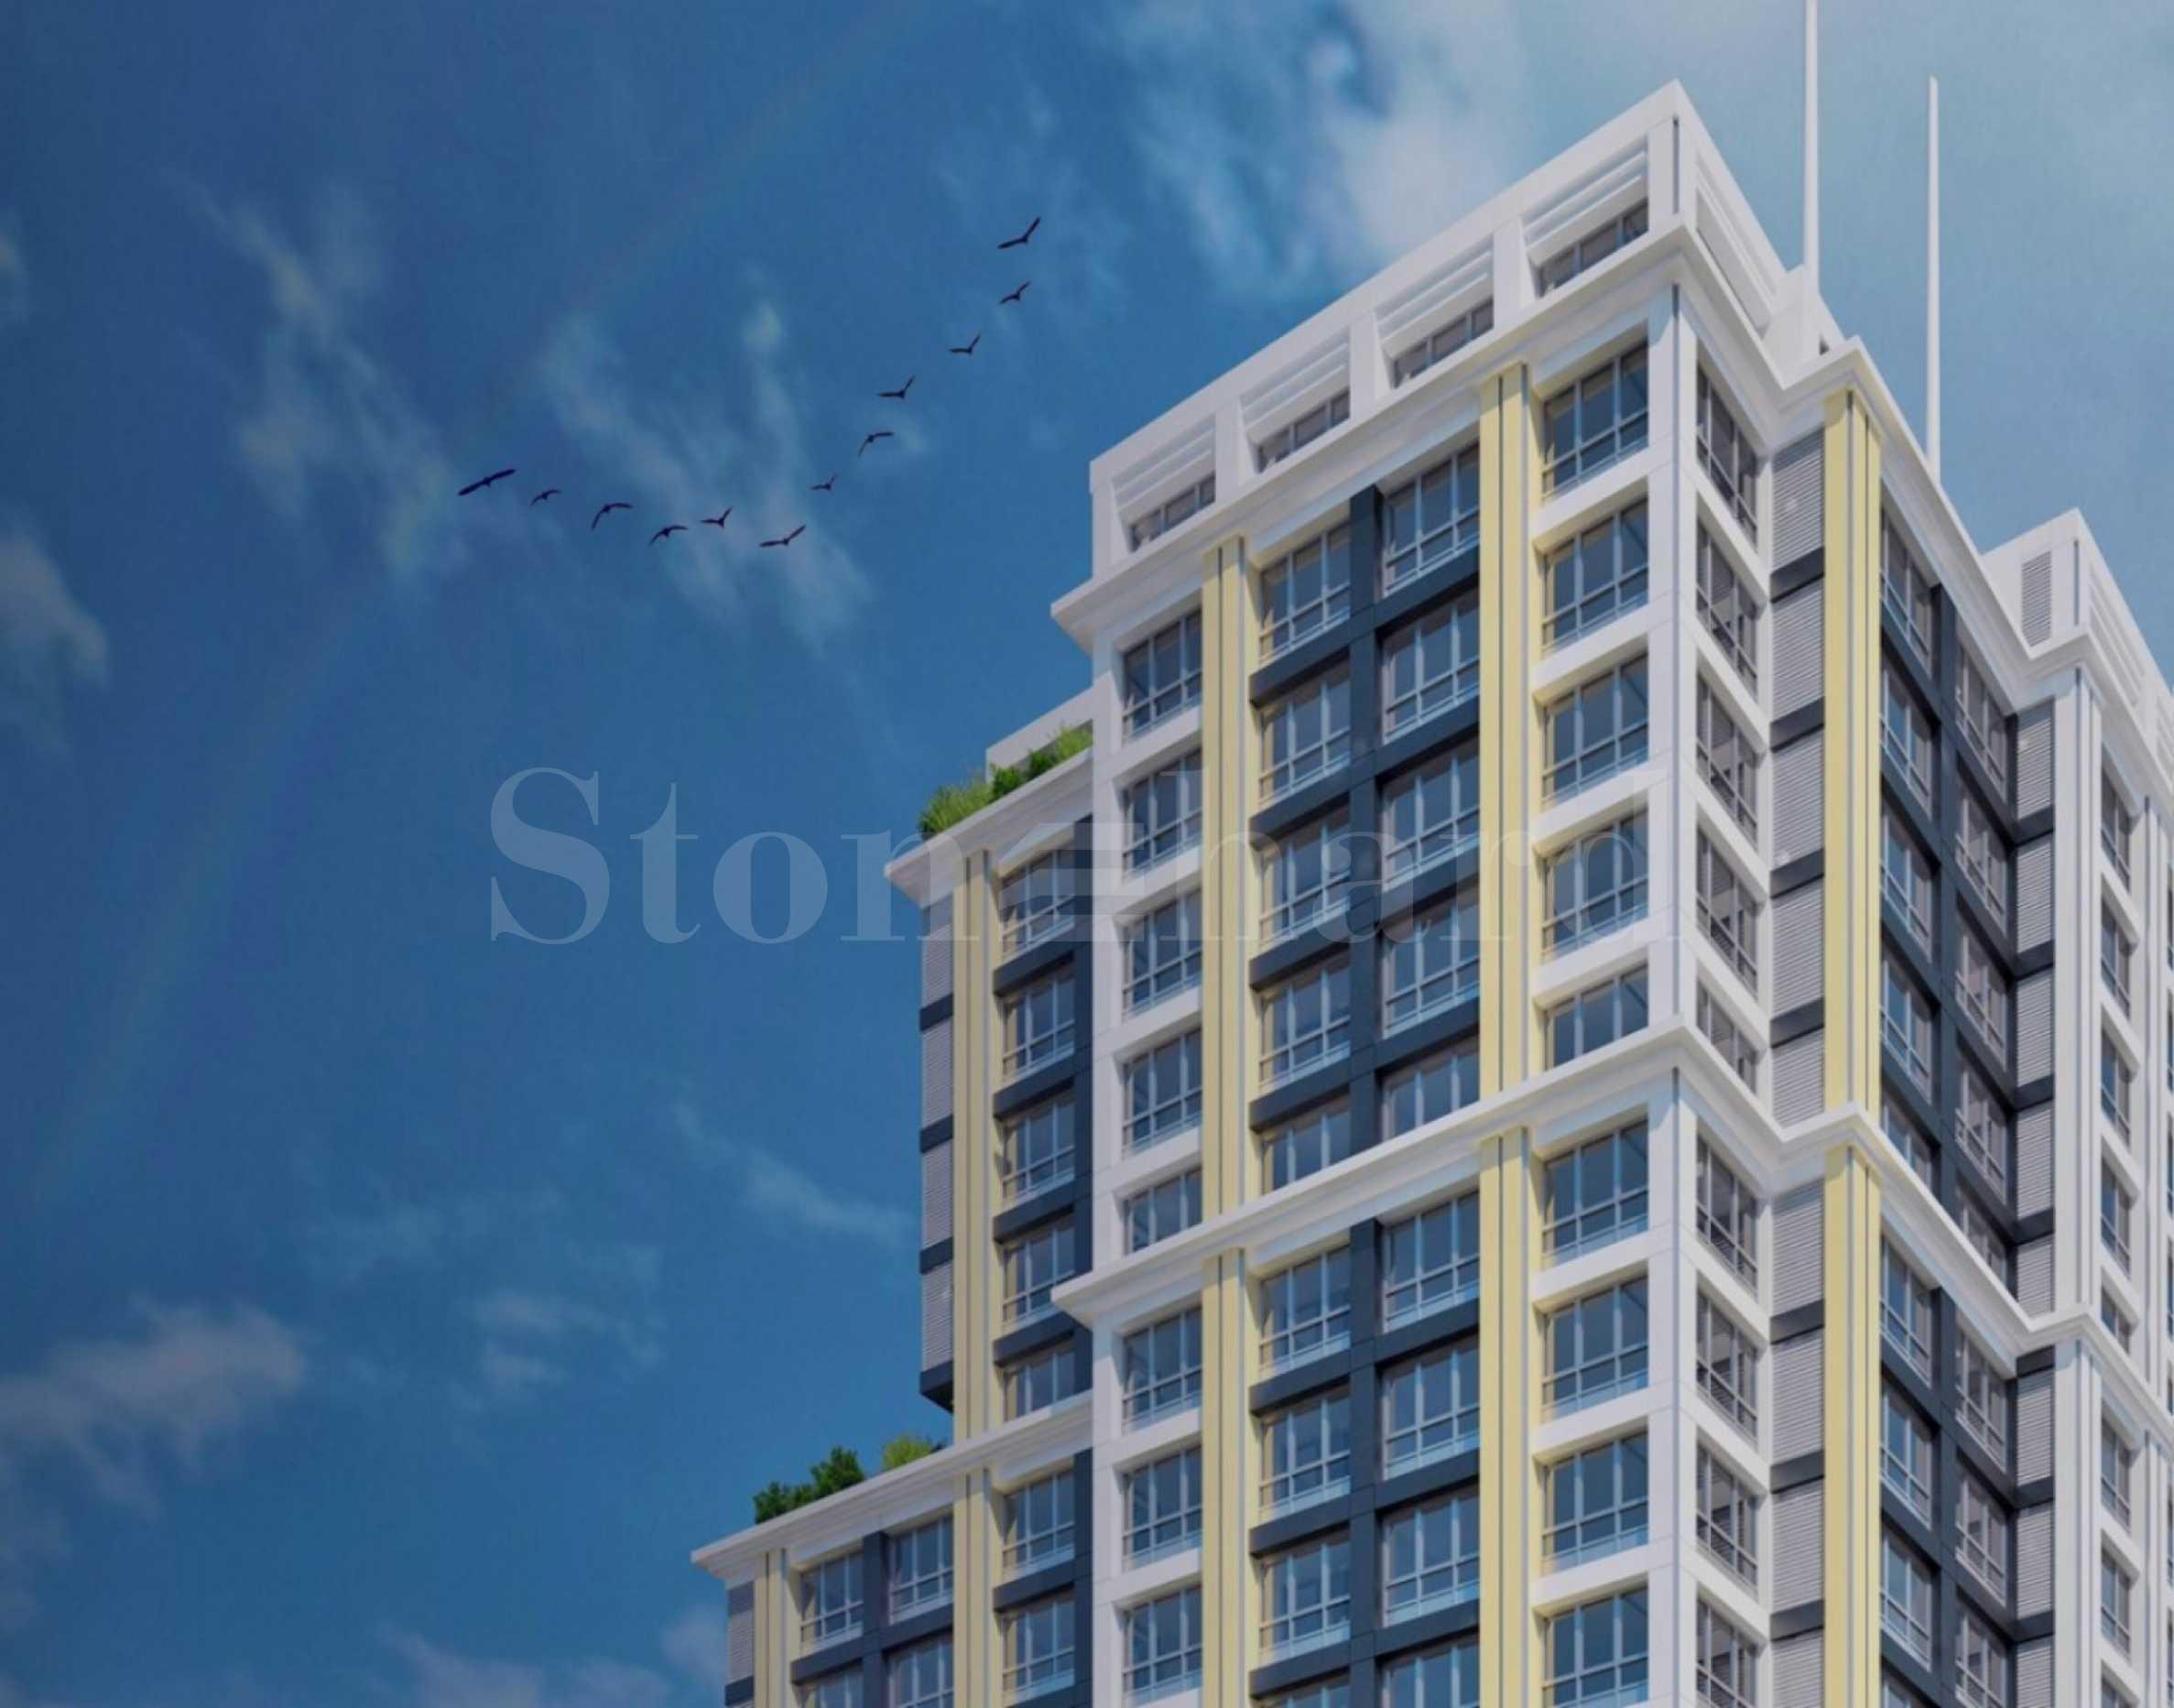 18-етажна сграда с имоти на атрактивни цени в широк център1 - Stonehard